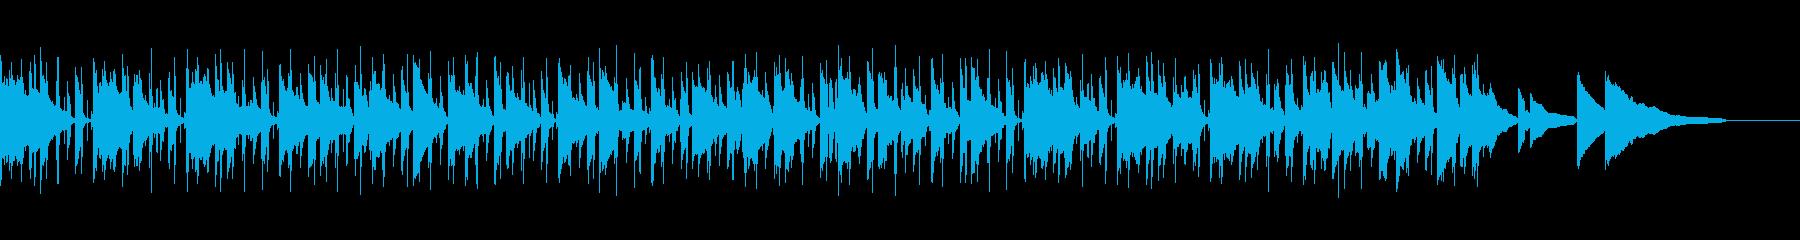 ゆったりと落ち着いた雰囲気のBGMの再生済みの波形